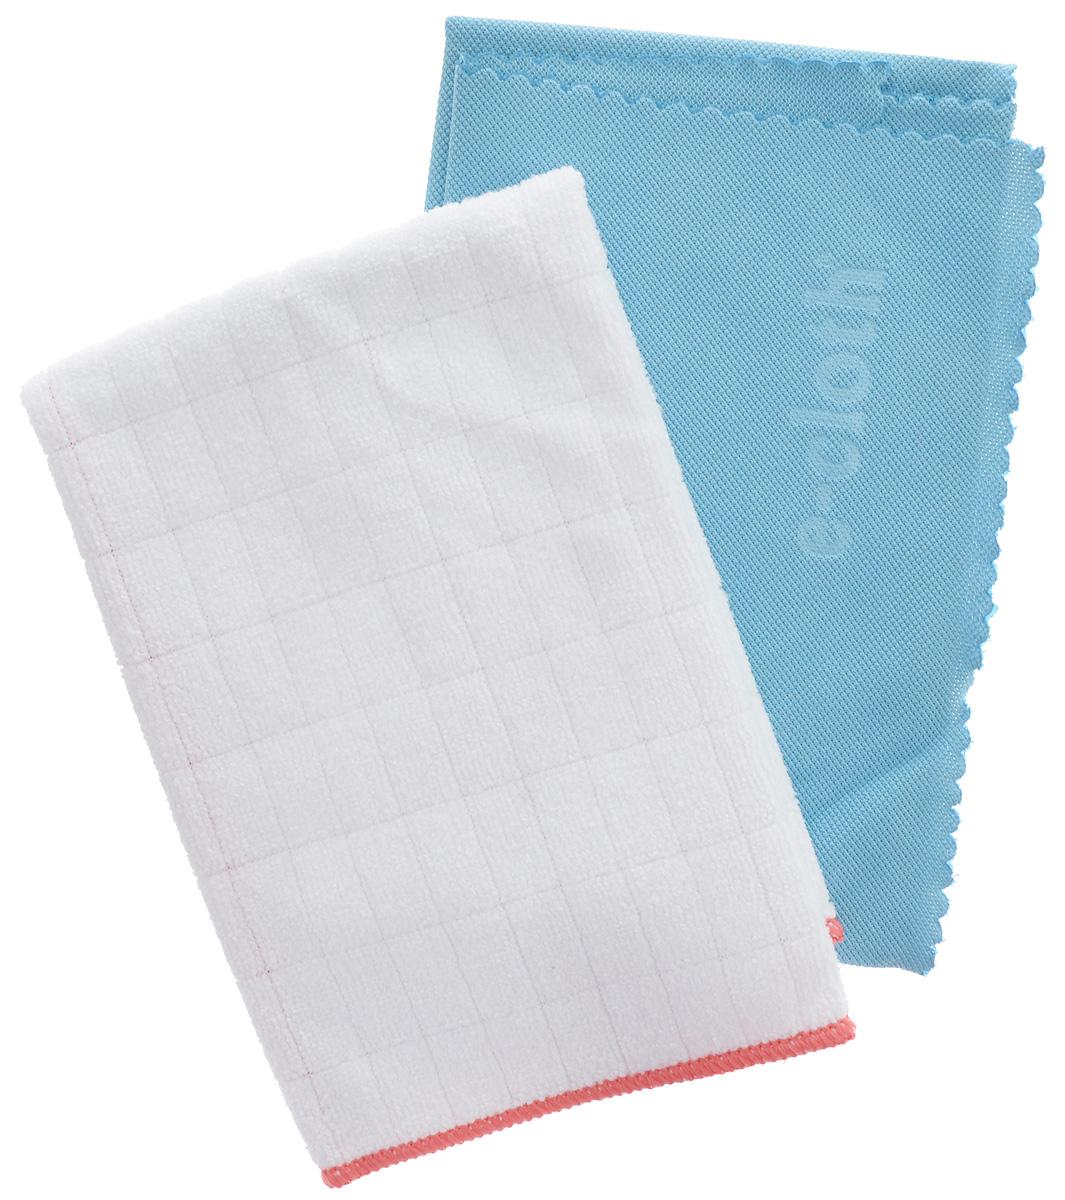 Салфетка E-cloth для полировки и очистки стекла, цвет: белый, голубой, 40 х 50 см + ПОДАРОК: антибактериальная салфетка20244_белый, голубойСалфетка E-cloth выполнена из качественного комбинированного материала: полиэстера и полиамида. Используется для очистки и полировки стеклянных, металлических и других твердых поверхностей без использования химических средств. Достаточно лишь смочить салфетку водой для очистки поверхности от жира и других загрязнений. Для полировки и придания блеска используйте сухую салфетку. Не оставляет разводов. Удаляет свыше 99% бактерий. Выдерживает до 300 циклов стирки без потери эффективности. Материал: 80% полиэстер, 20% полиамид. Размер салфетки: 40 х 50 см. В подарок прилагается антибактериальная салфетка (32 х 32 см).